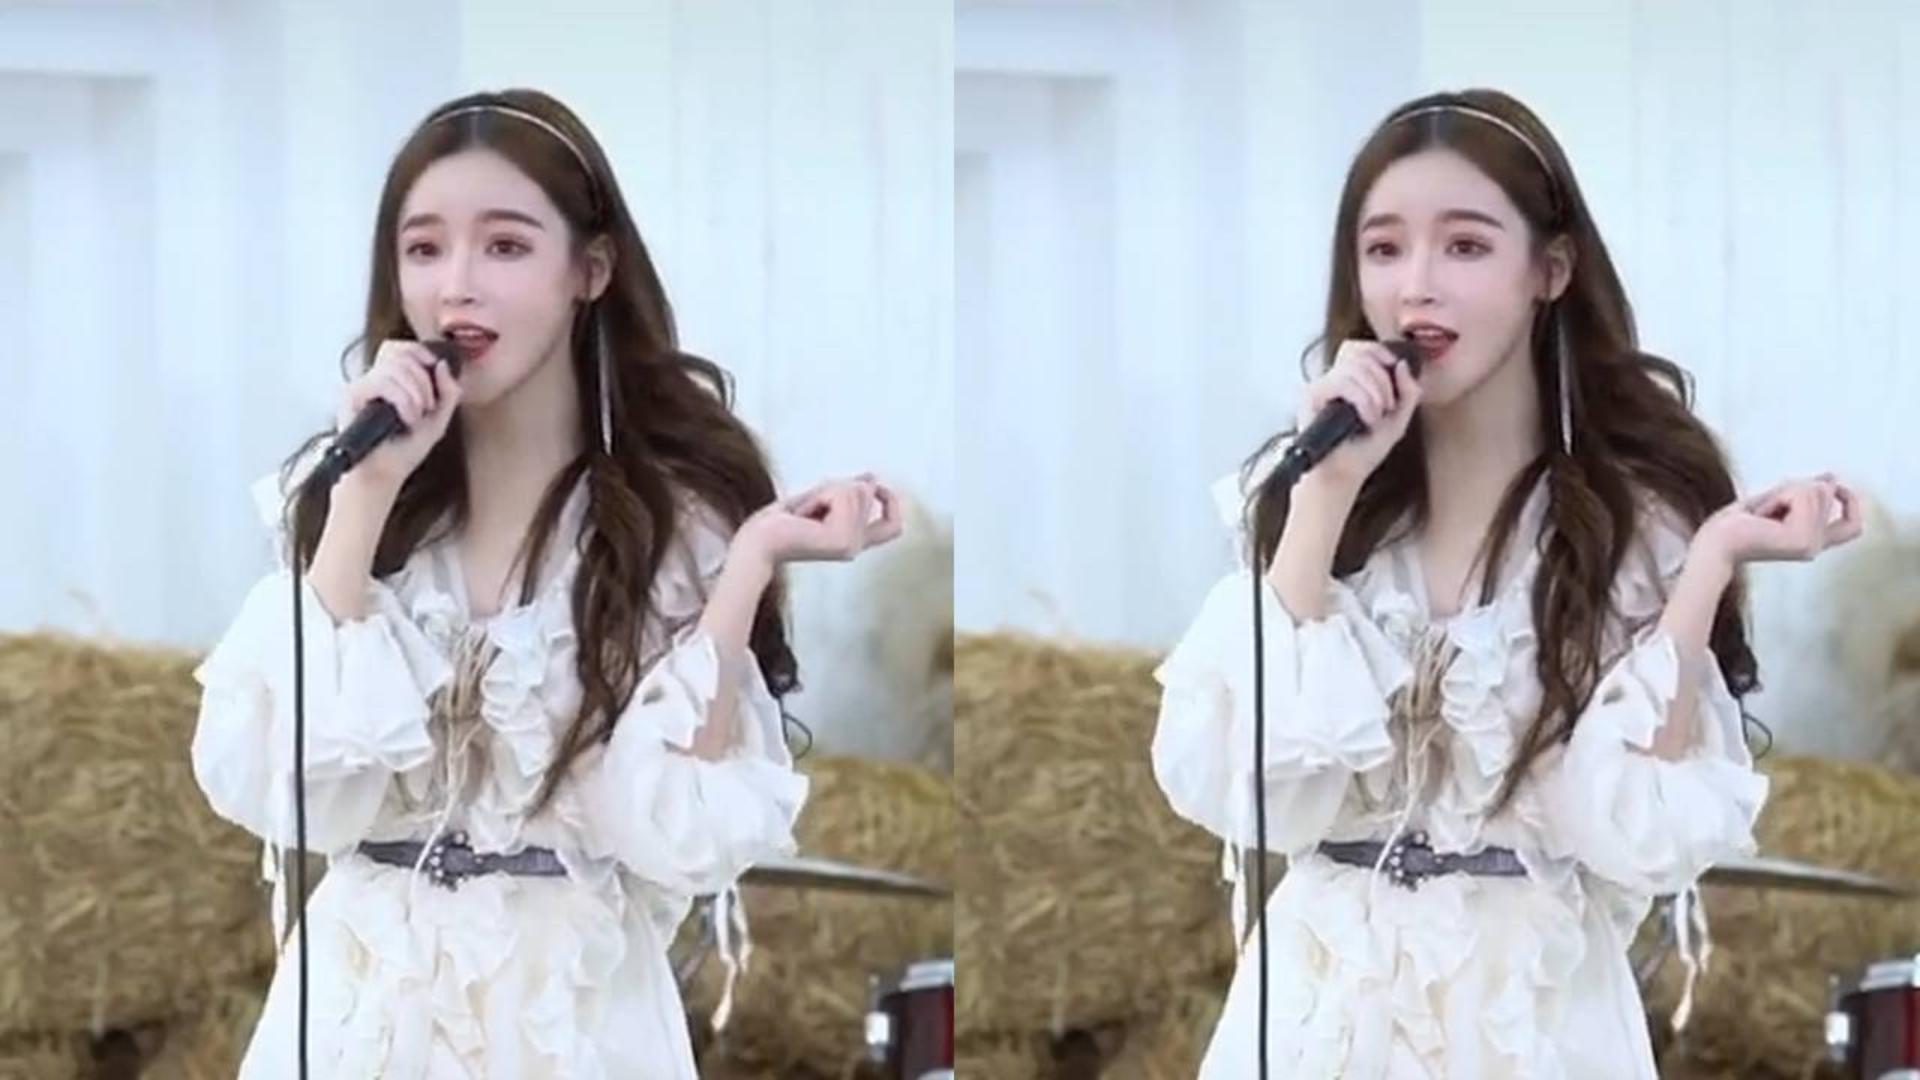 最近女孩翻唱歌曲走红,独特的嗓音略显紧张,网友:实在太好听了